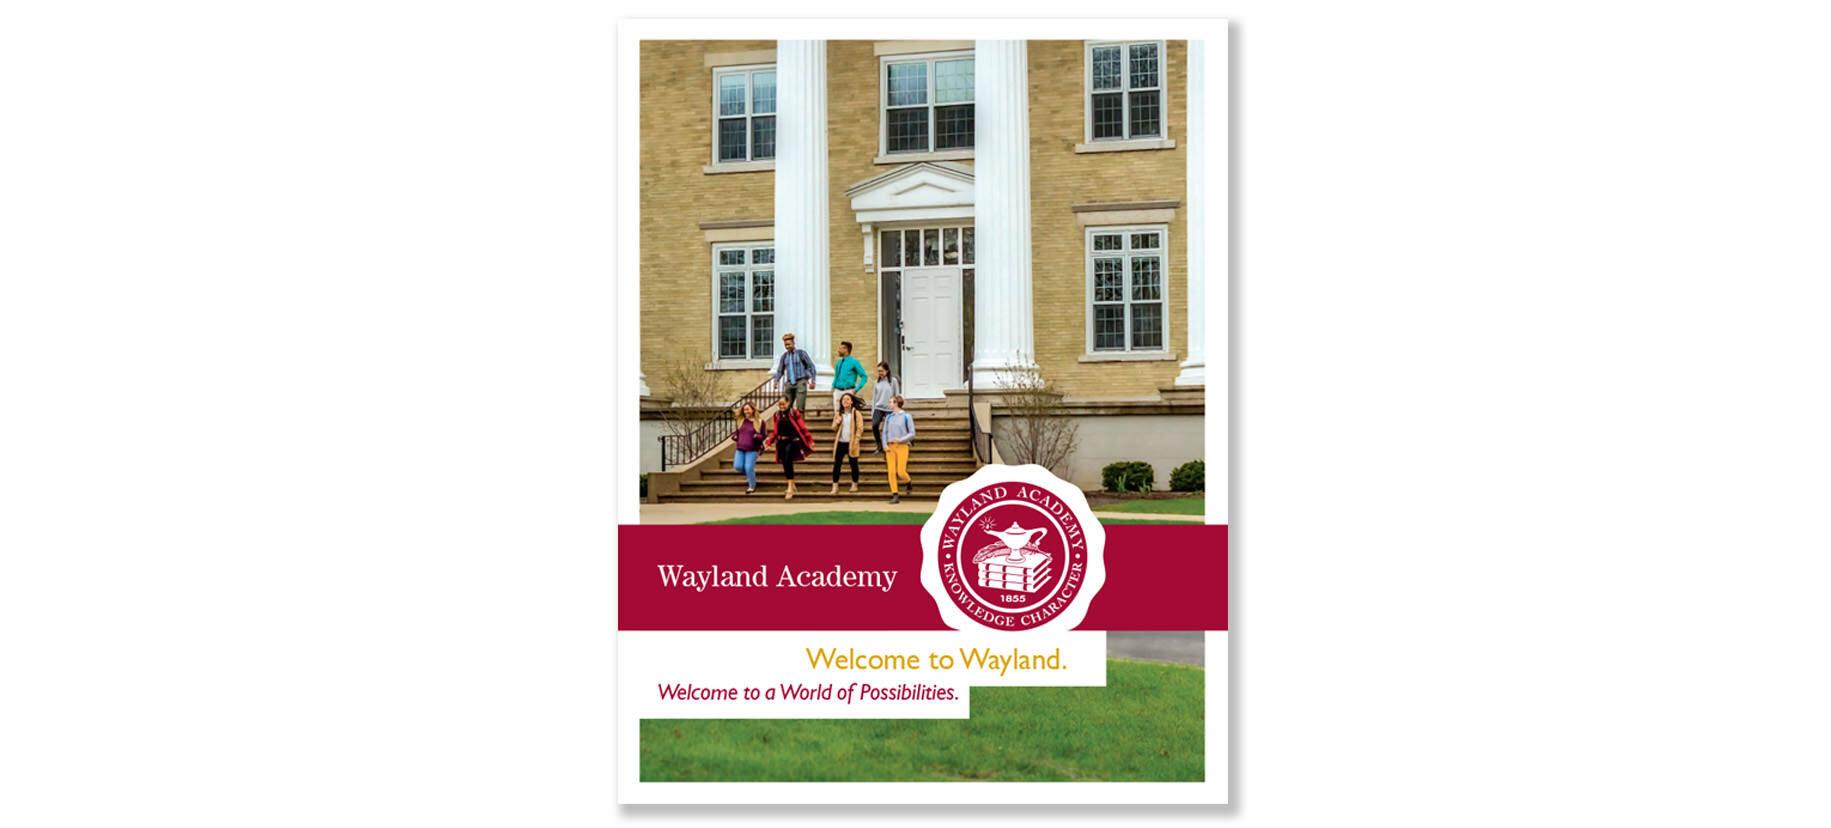 wayland-academy-viewbook-kelsh-wilson-cover.jpg